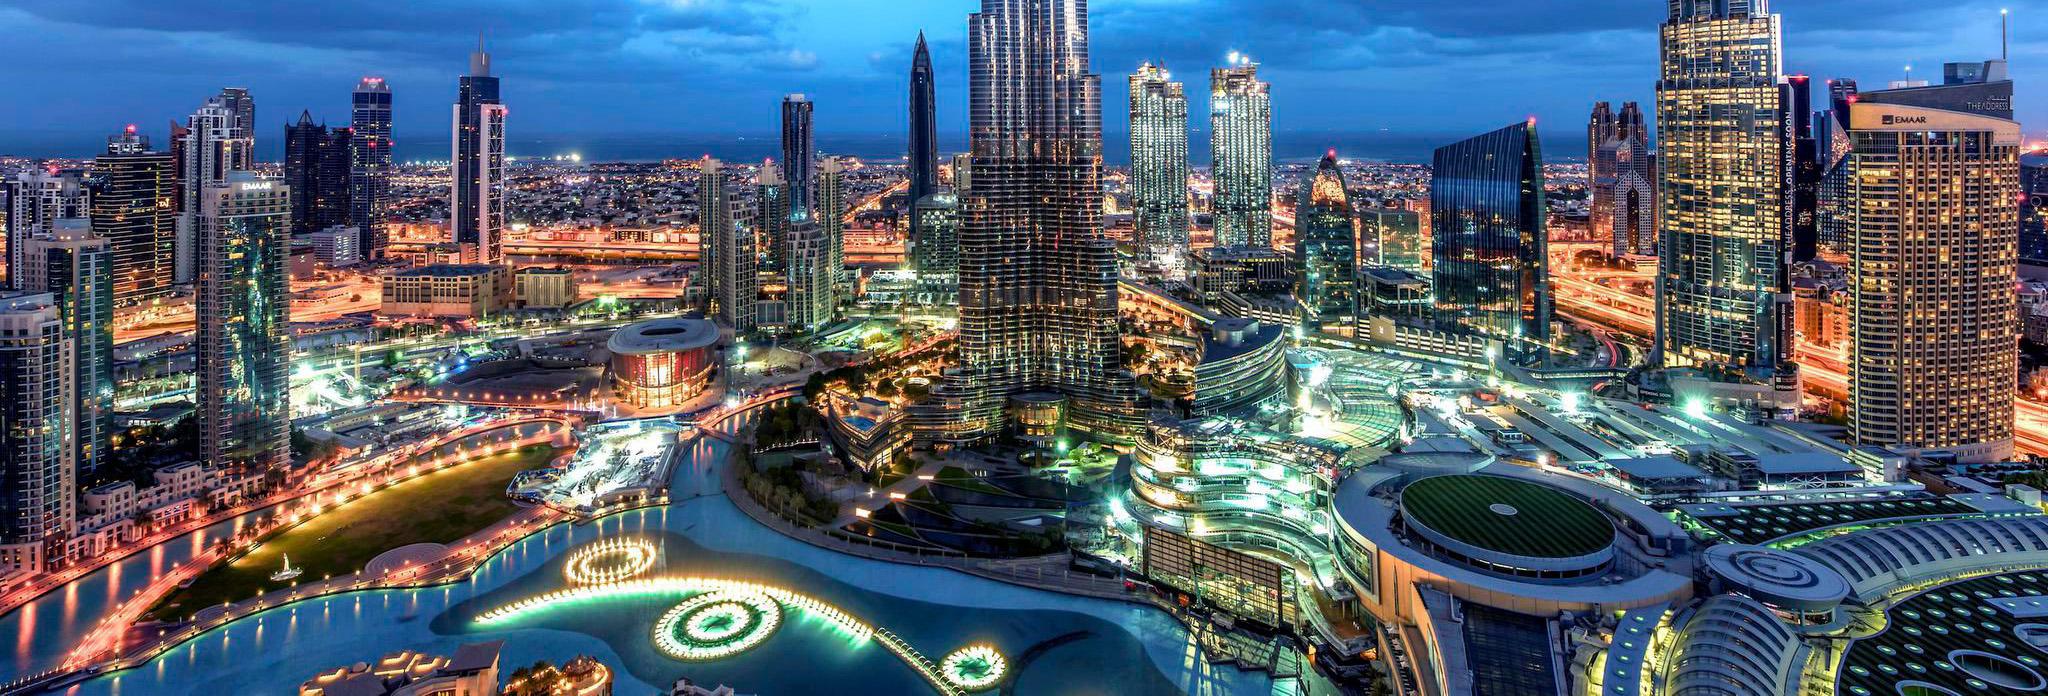 Delegierte unterstützen die Dubai Eyesight Charity Image 1